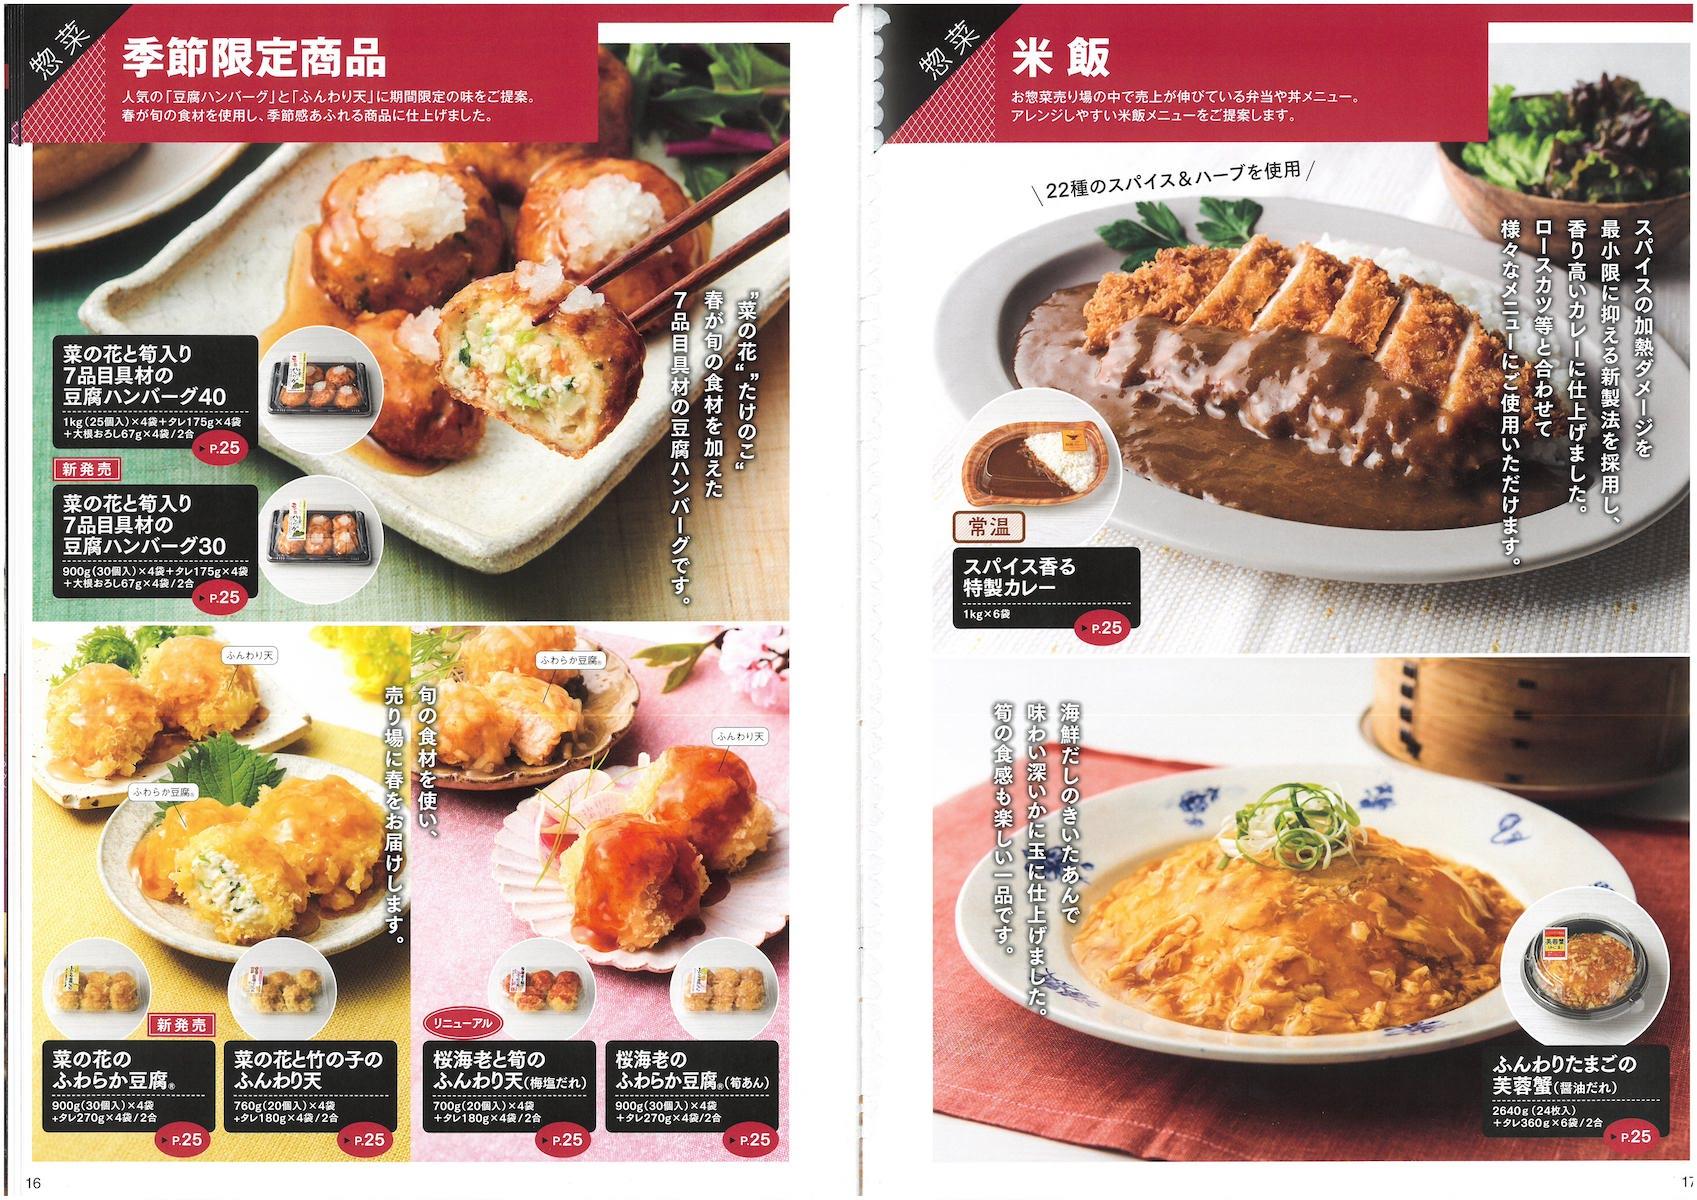 ニチレイフーズ 商品カタログ 春・夏期業務用2019